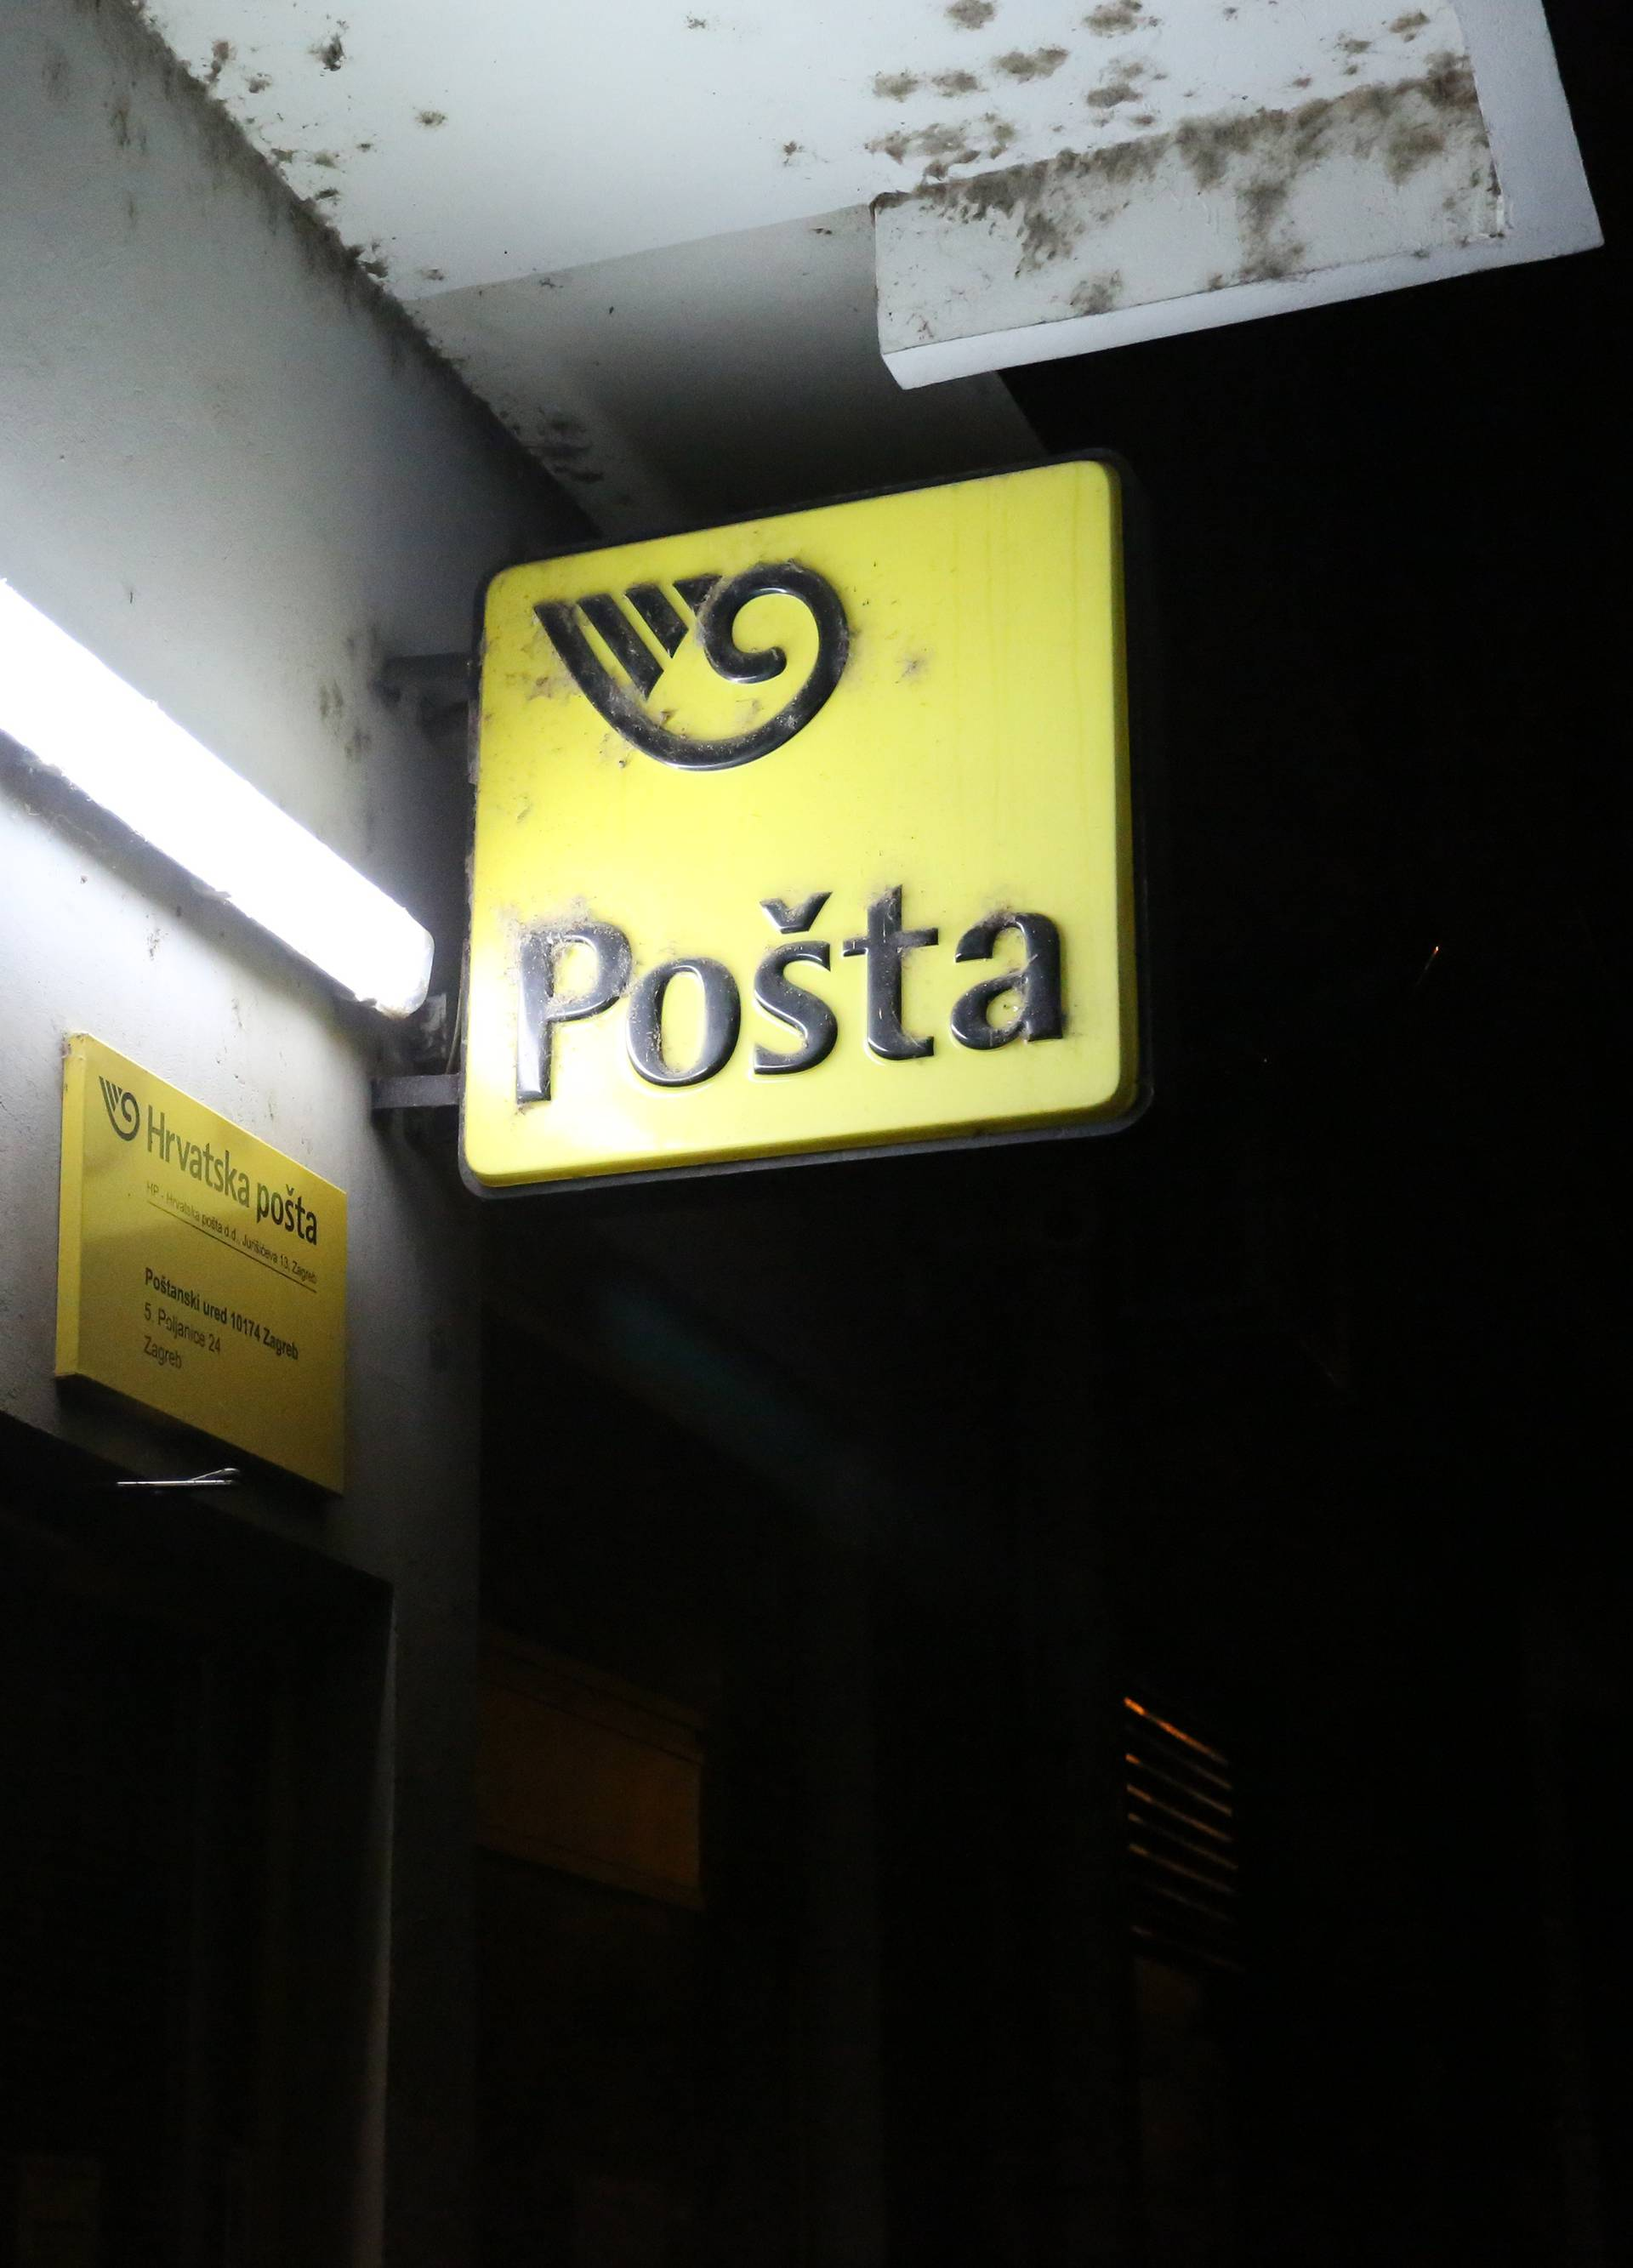 Razbojnik opljačkao poštu u zagrebačkom Markuševcu